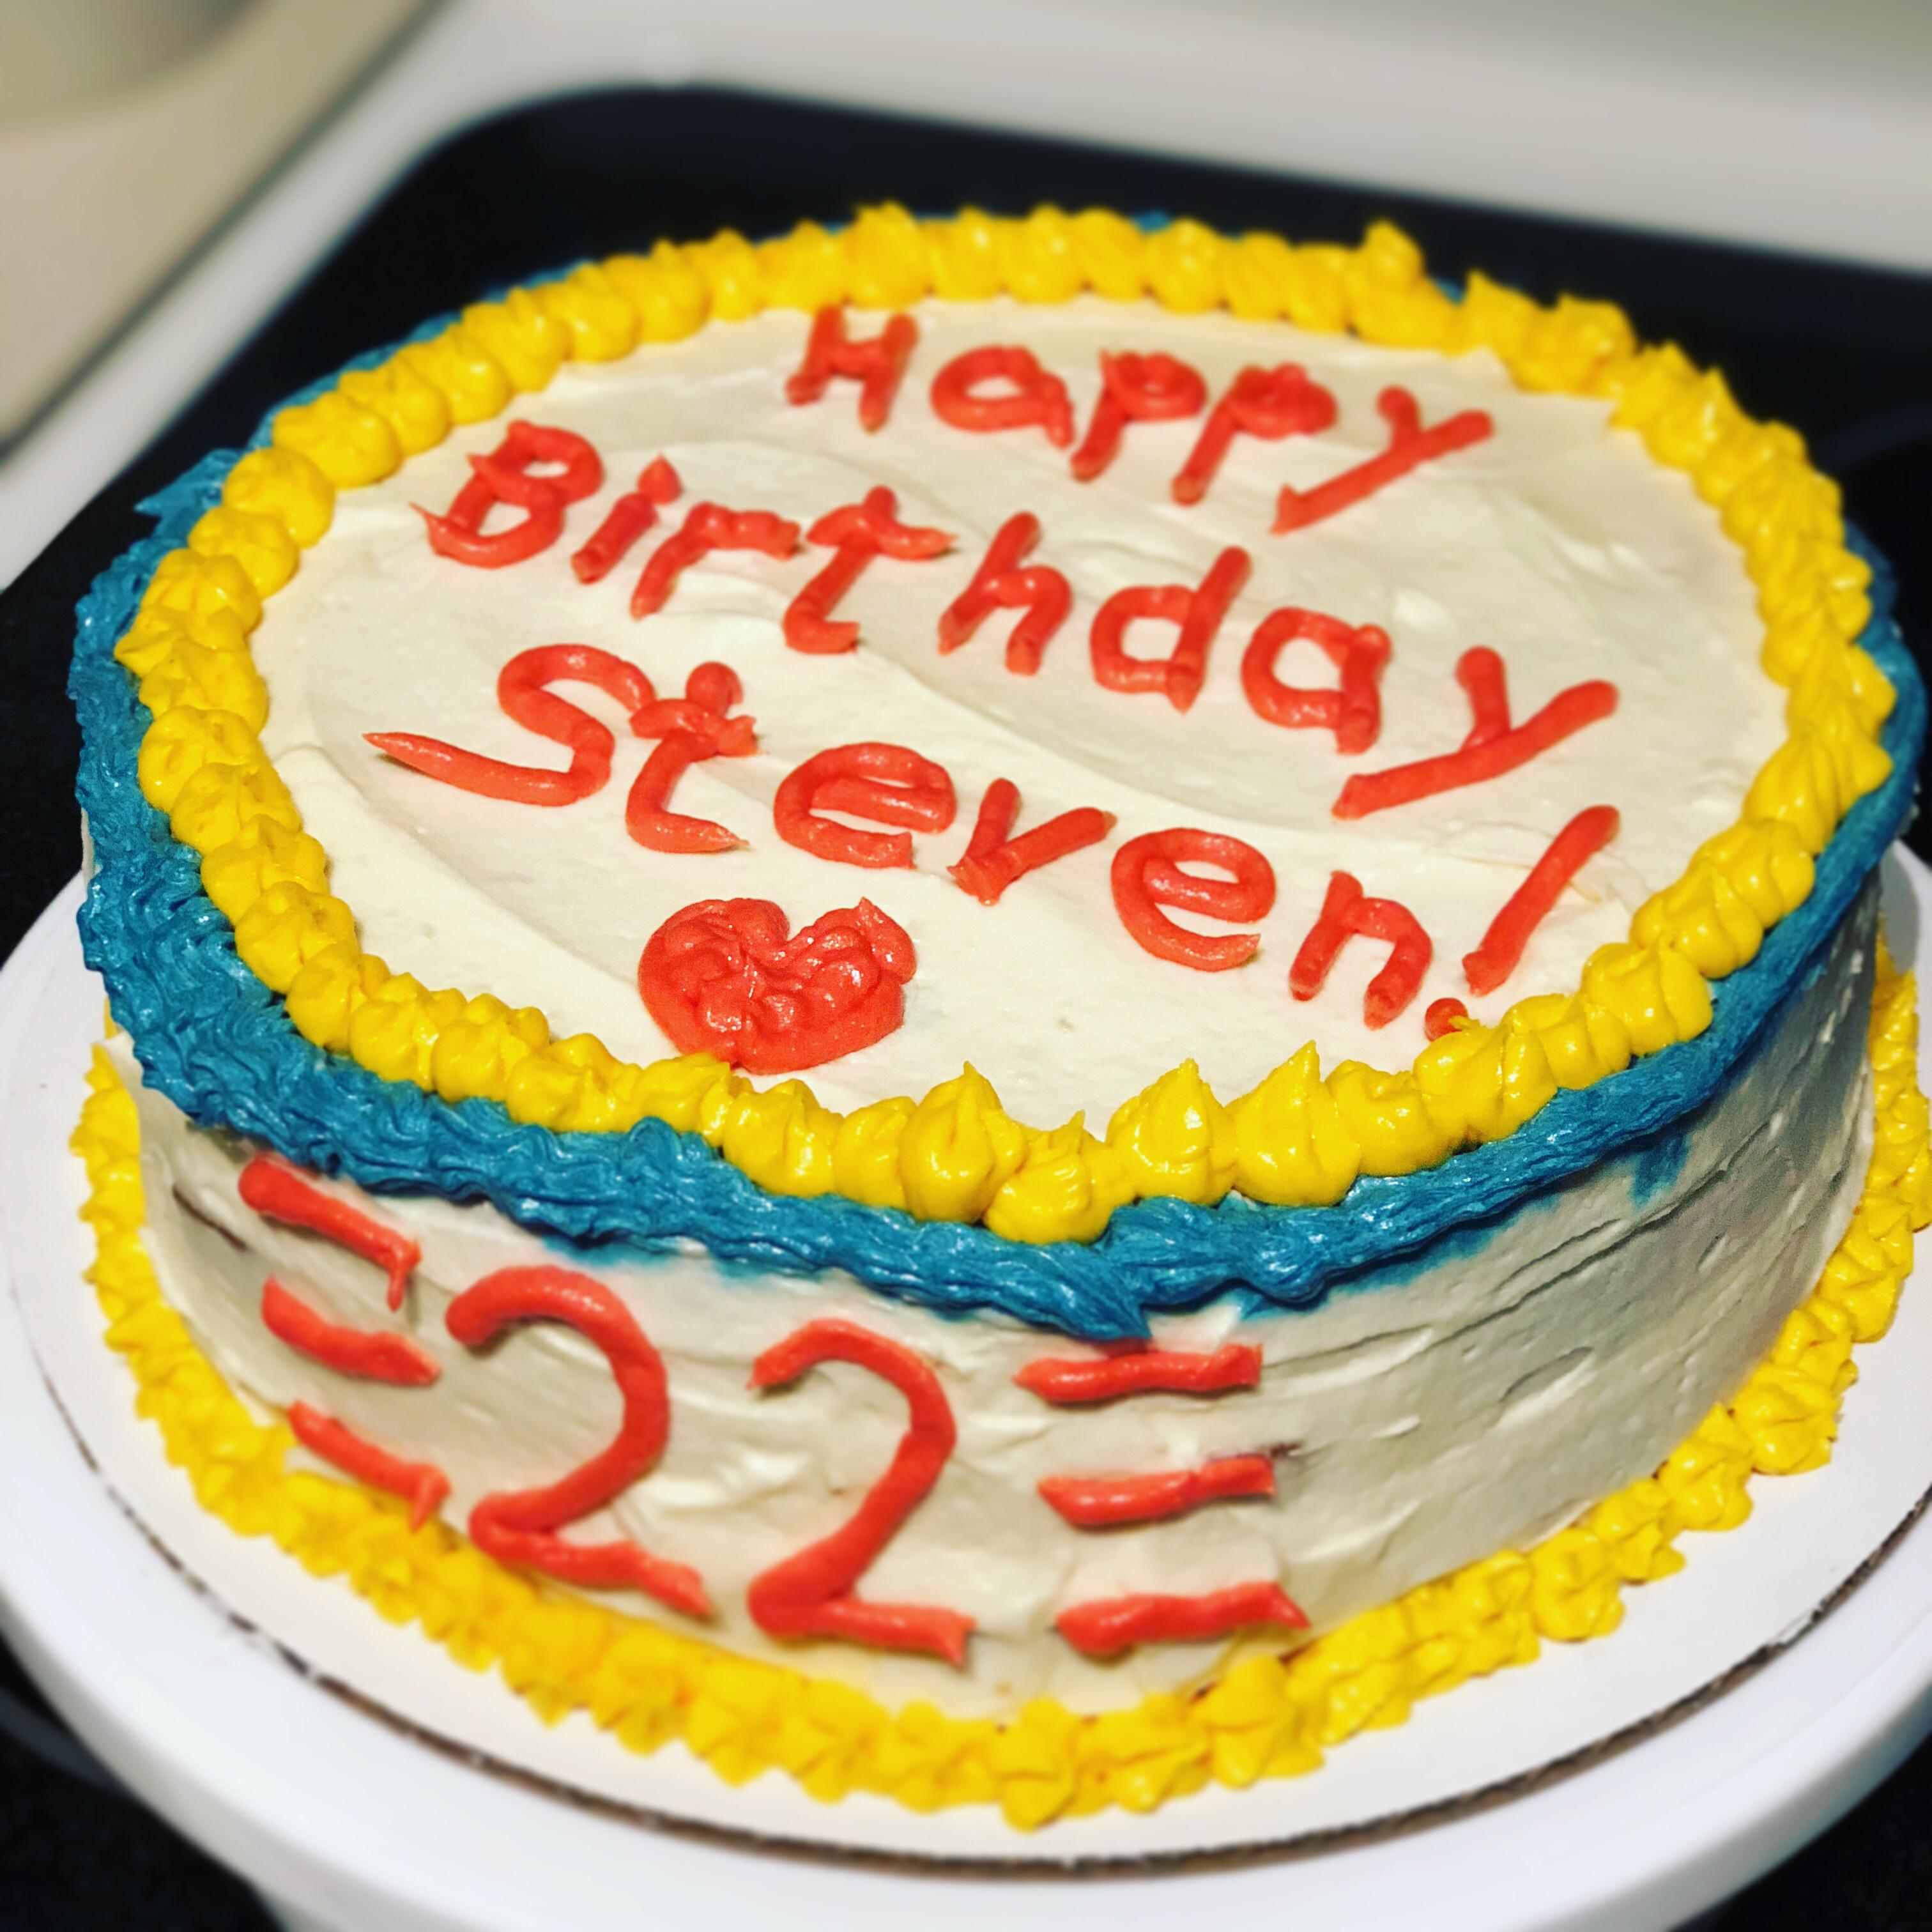 Groovy Happy Birthday Cake Allrecipes Funny Birthday Cards Online Inifofree Goldxyz